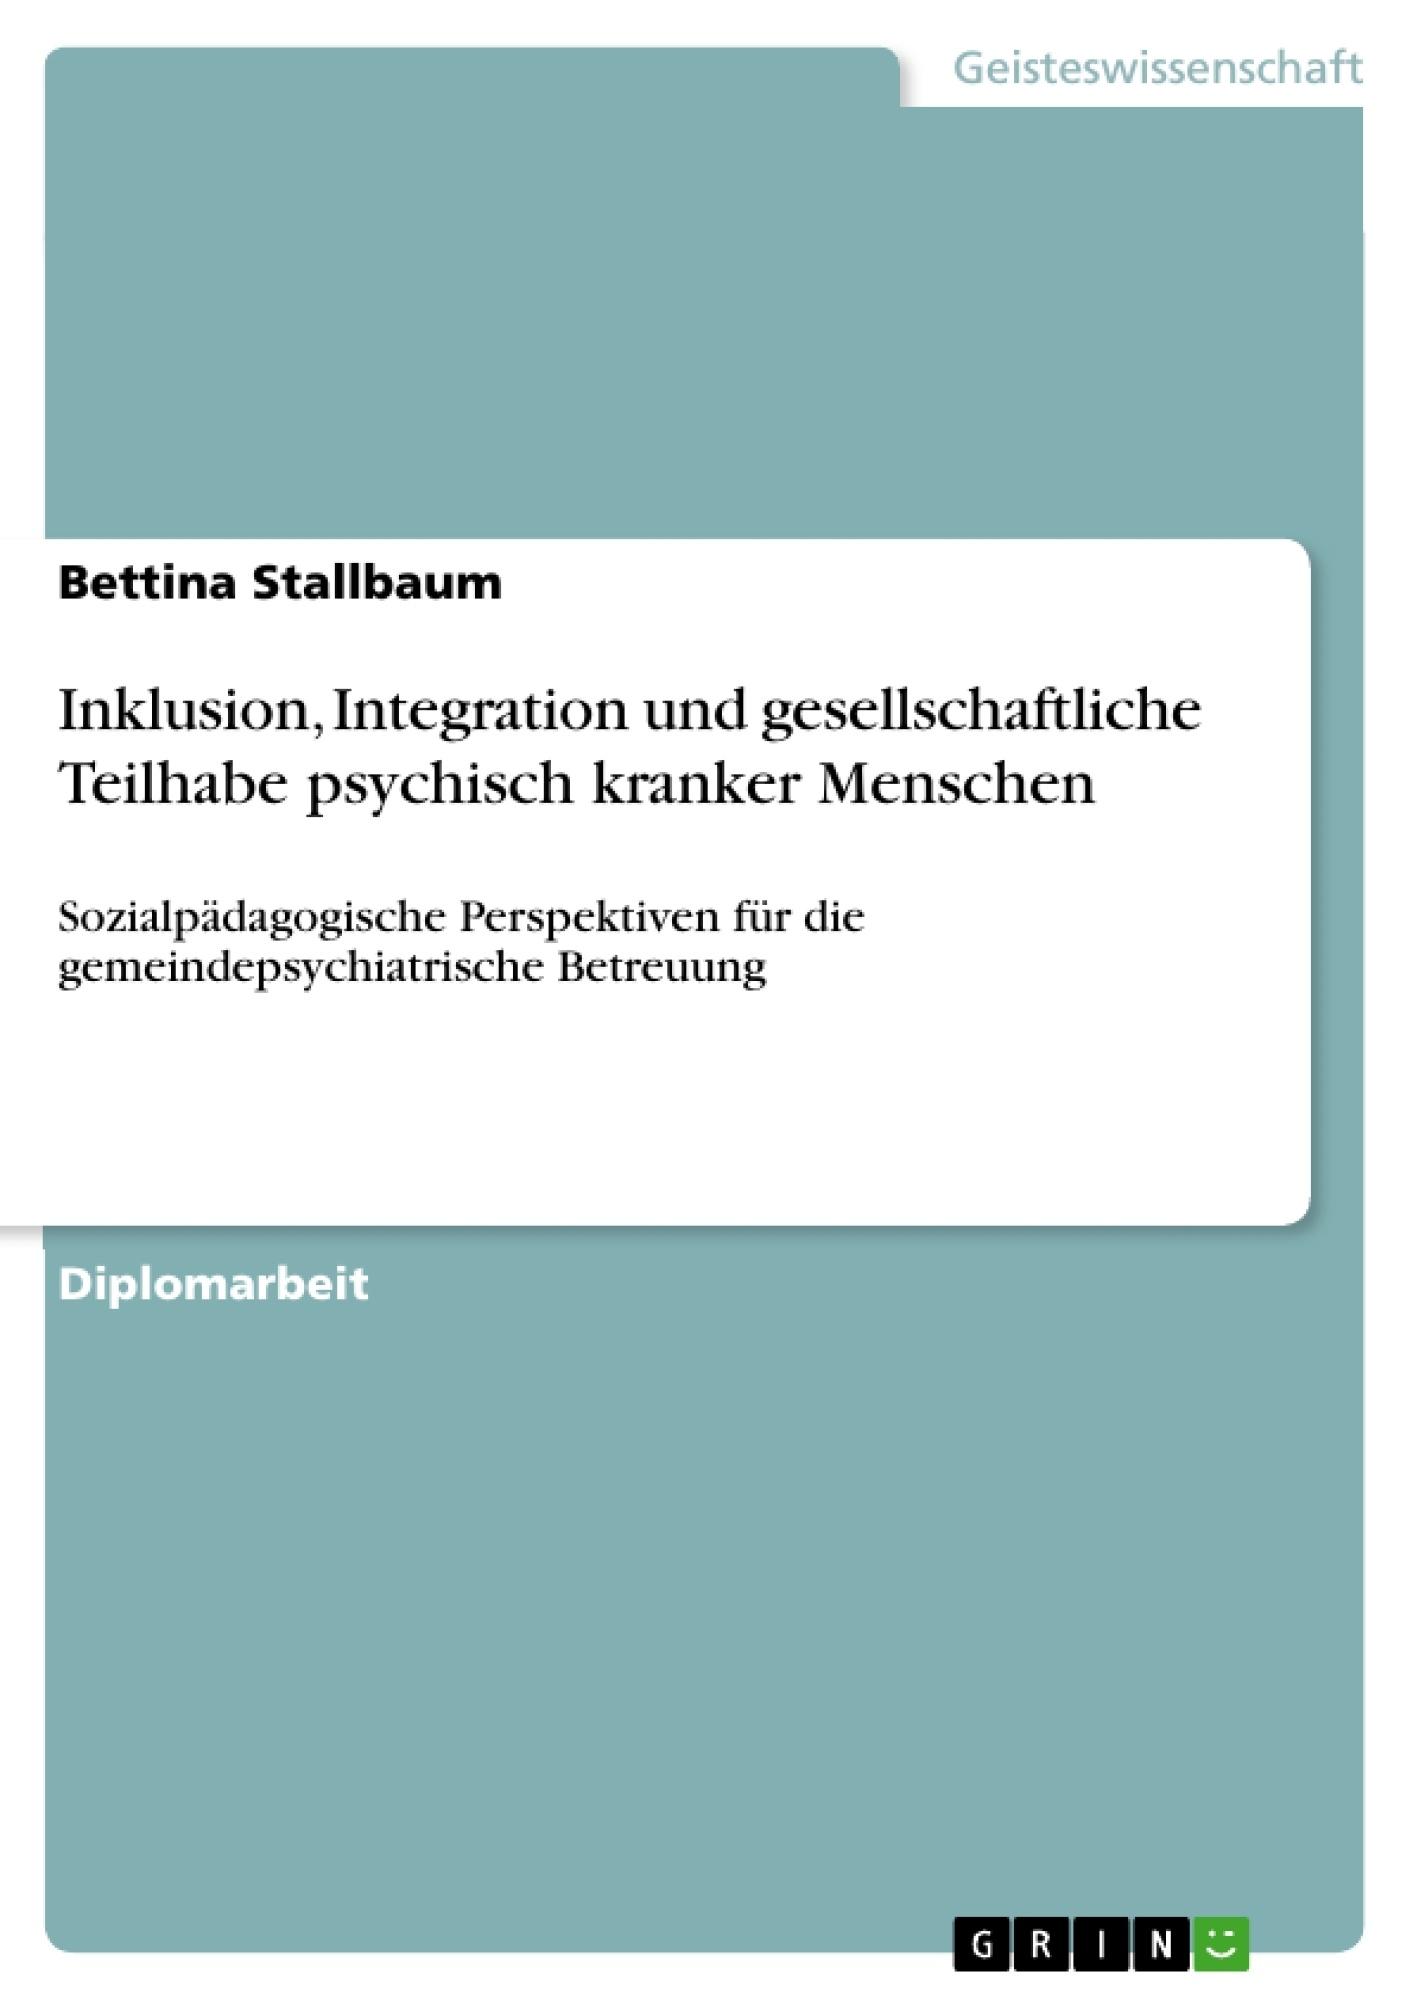 Titel: Inklusion, Integration und gesellschaftliche Teilhabe psychisch kranker Menschen